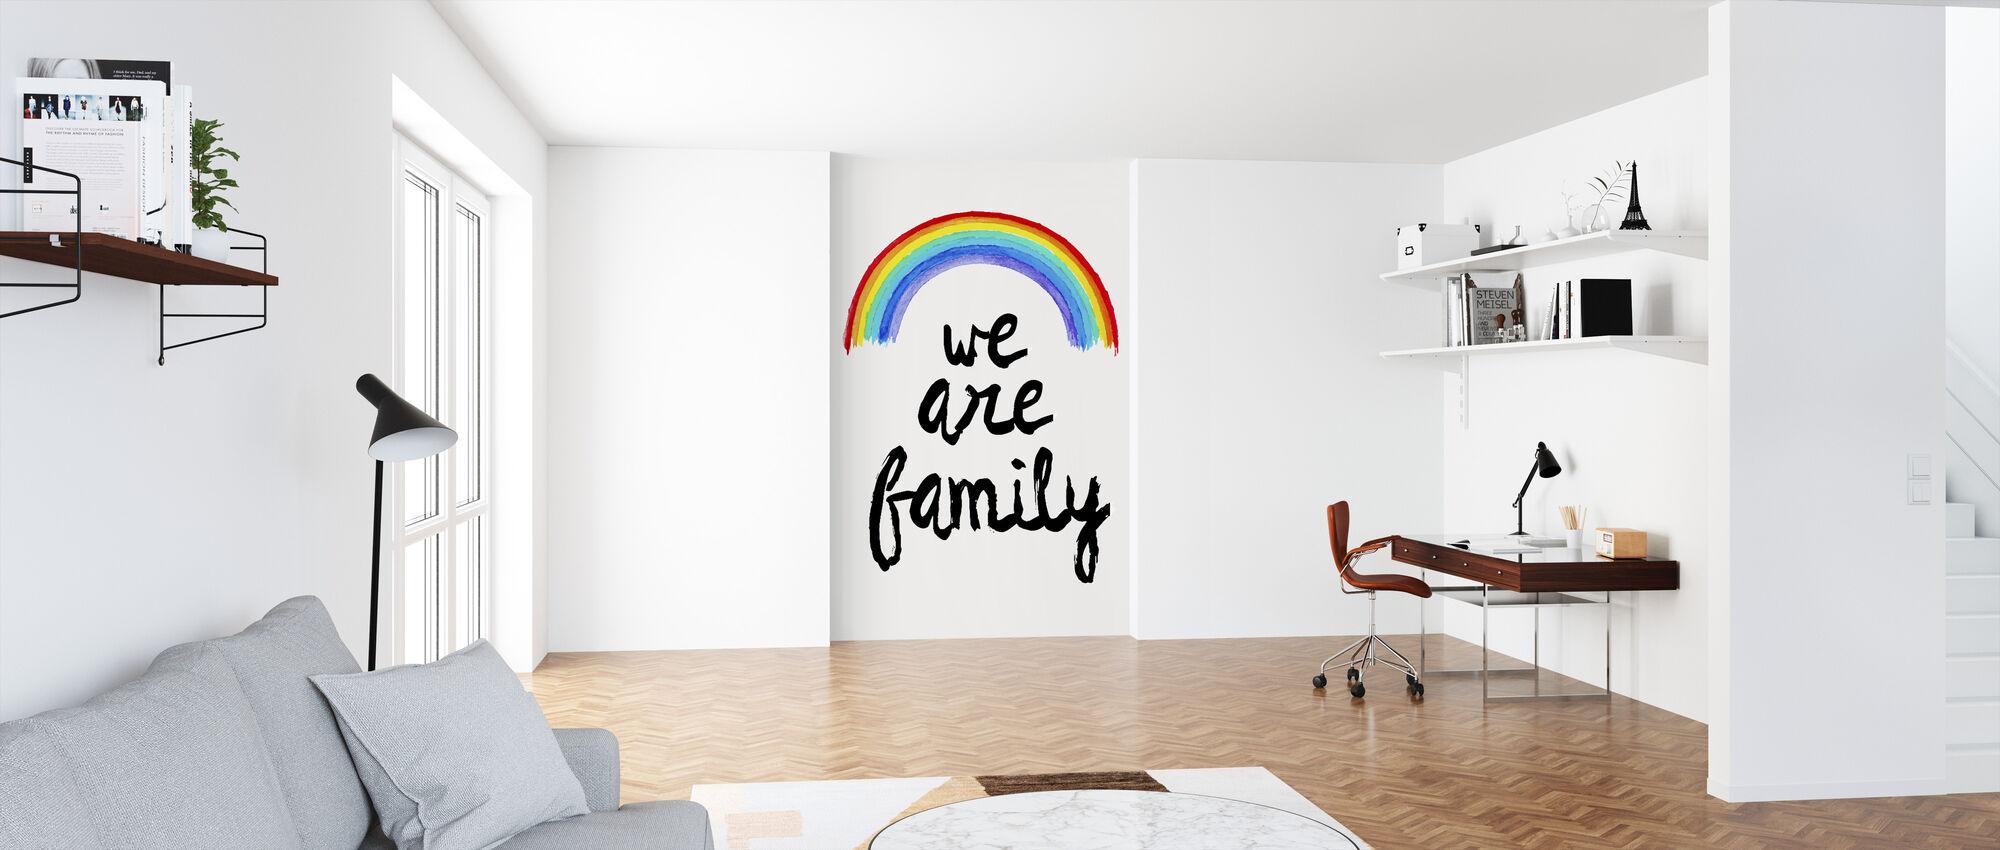 Wij zijn familie - Behang - Kantoor